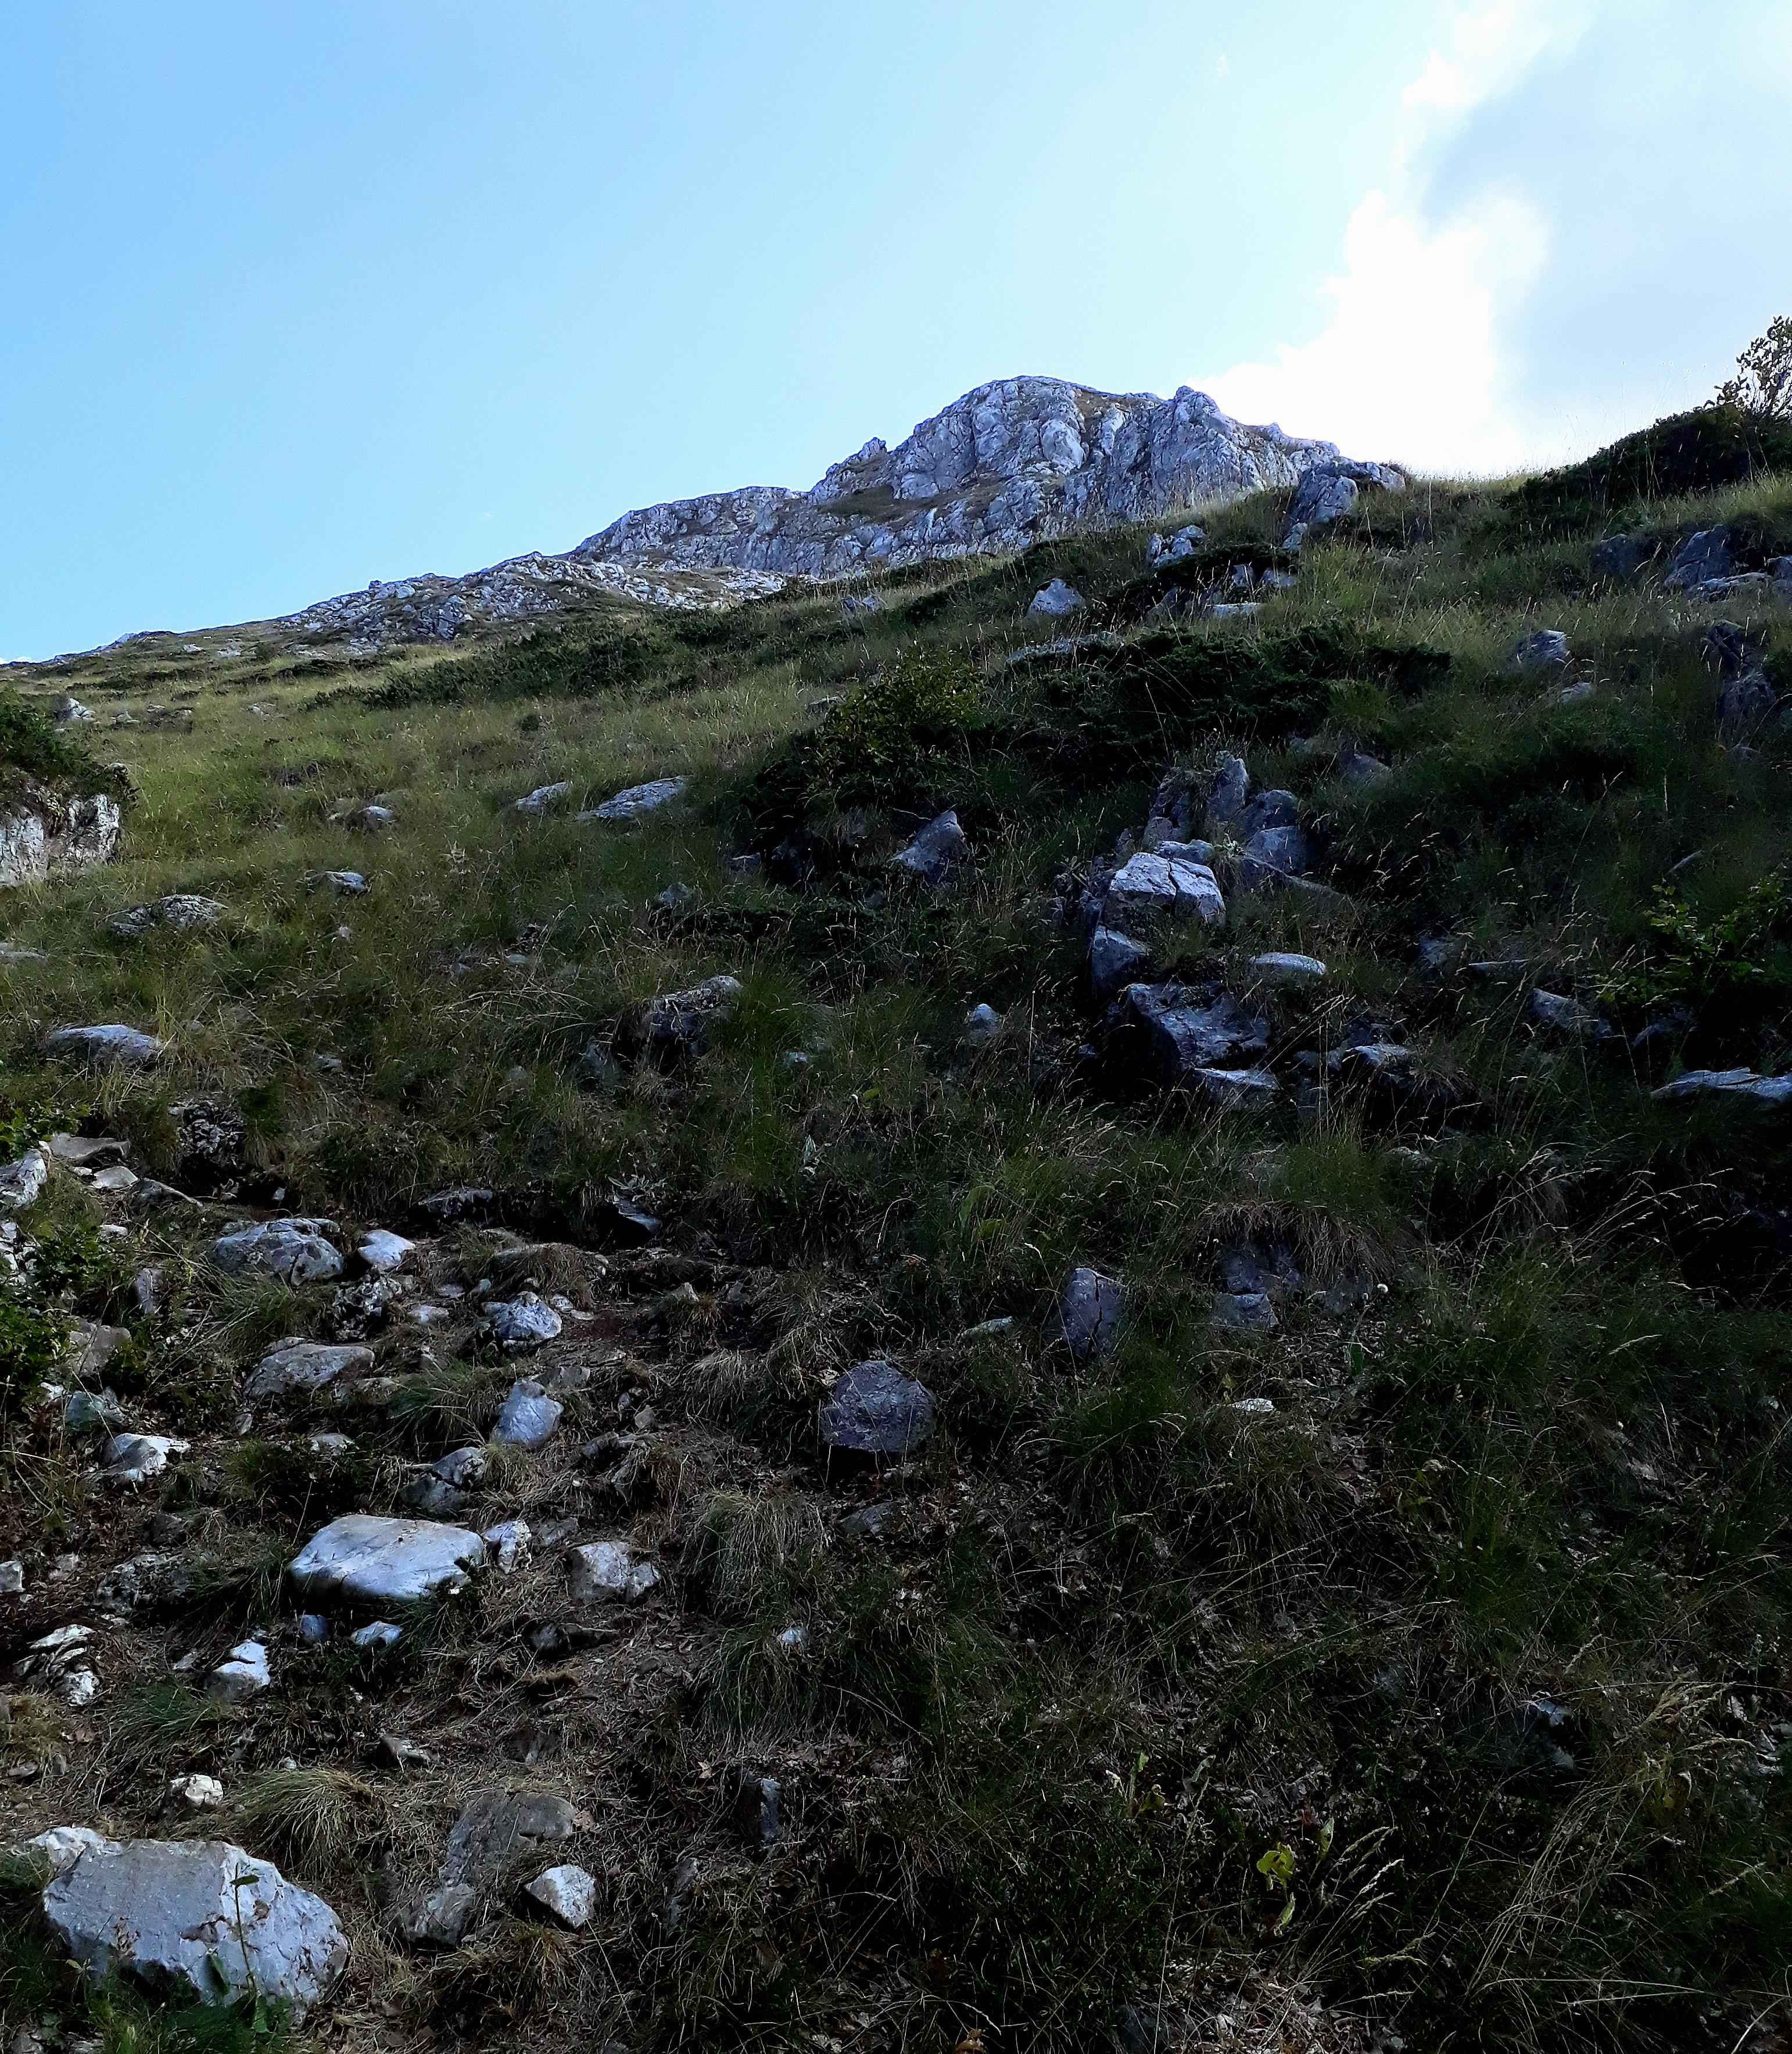 Majd kiér az erdőből, és kezdődik a neheze. Nagyon meredek köves ösvényen juthatunk fel a csúcsig.